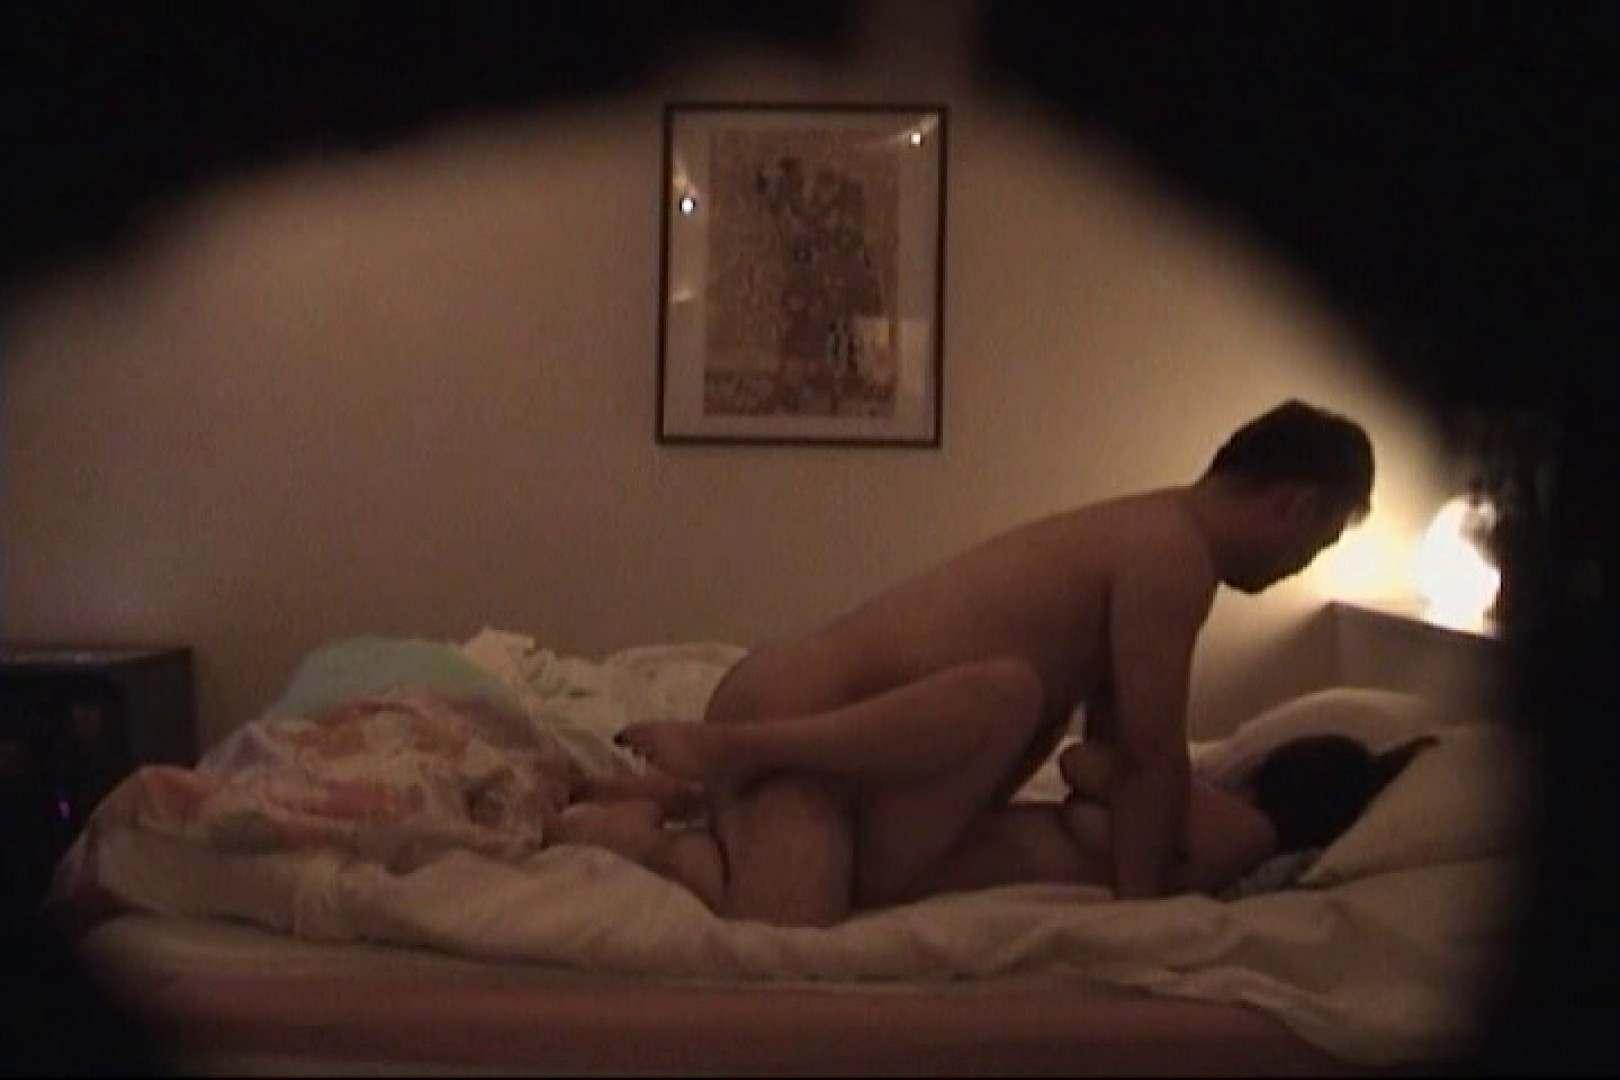 デリ嬢マル秘撮り本物投稿版④ ホテル  92連発 85